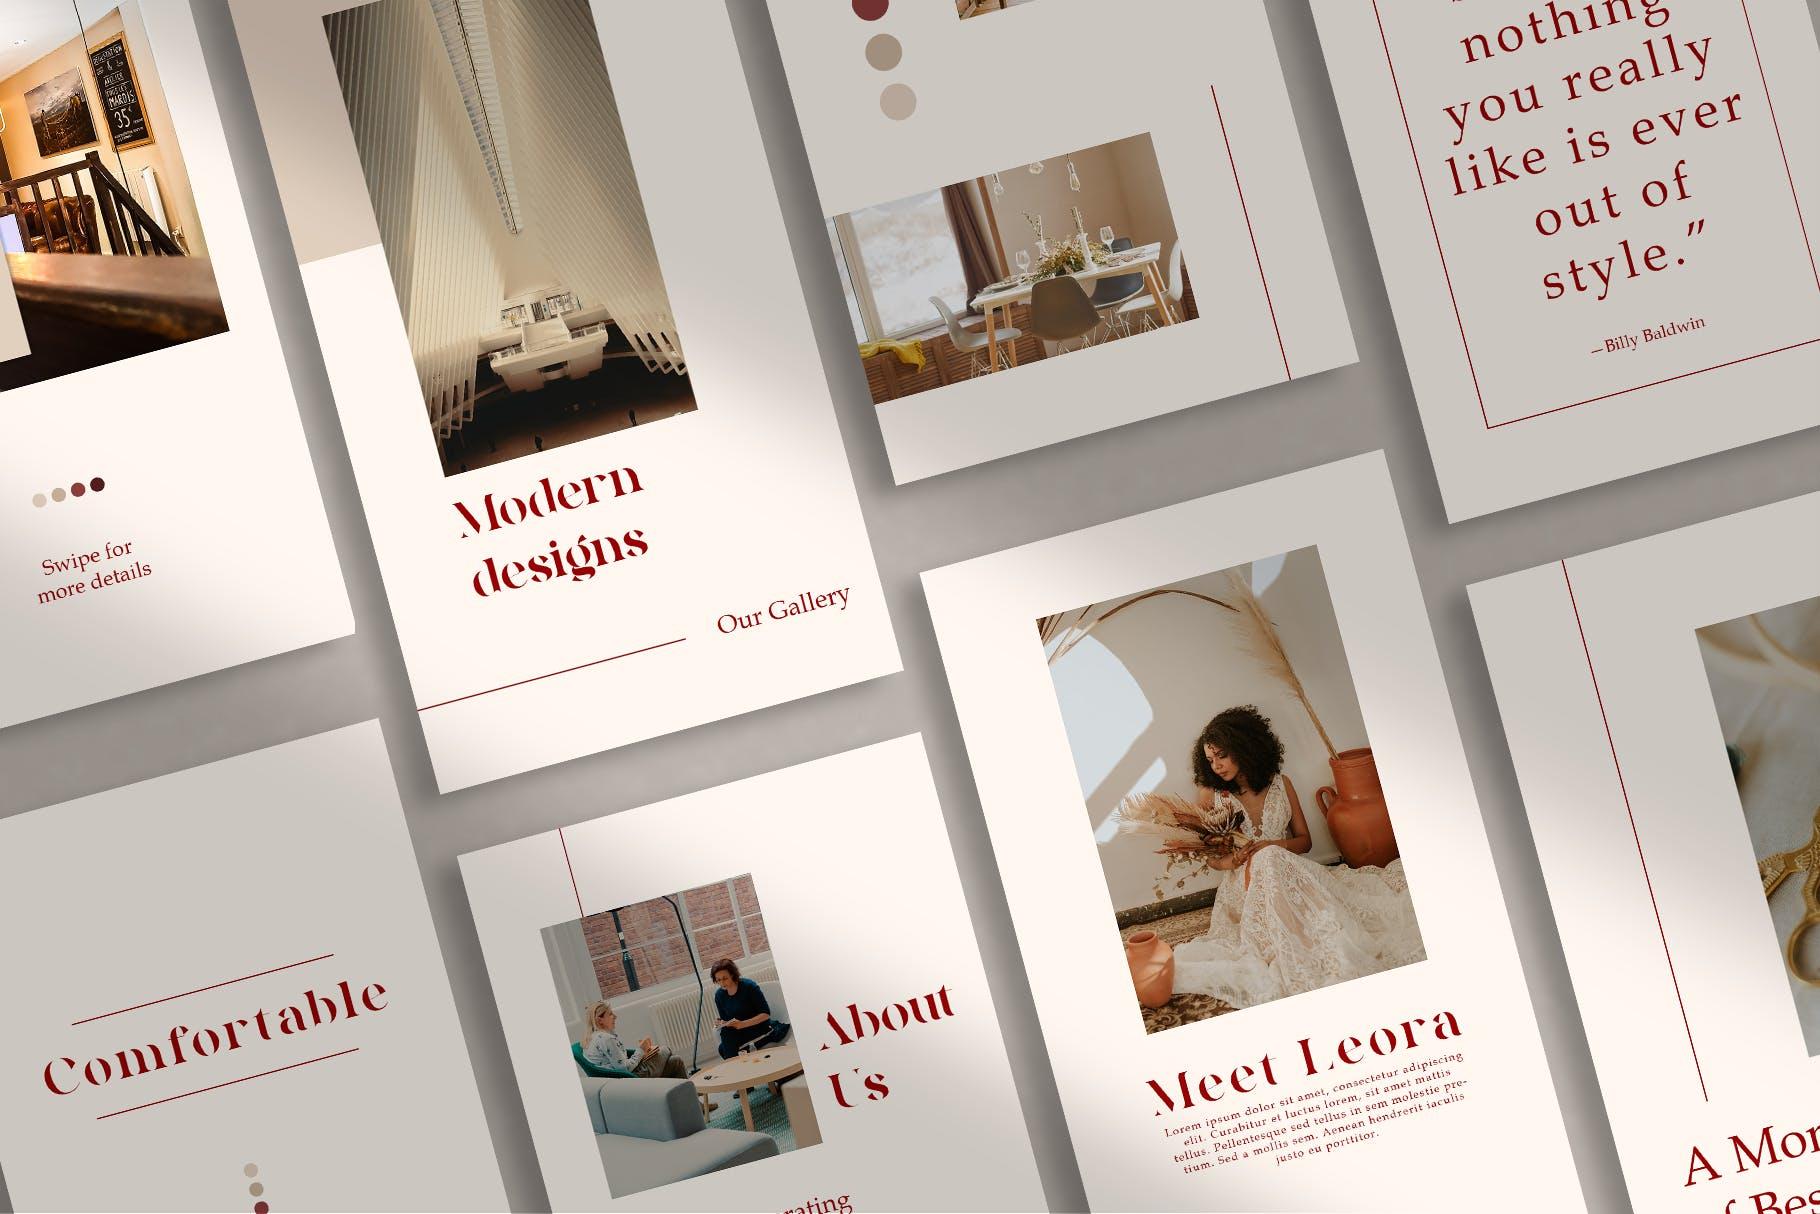 时尚室内设计摄影作品集推广新媒体电商海报模板 Walnut – Instagram Template插图(1)